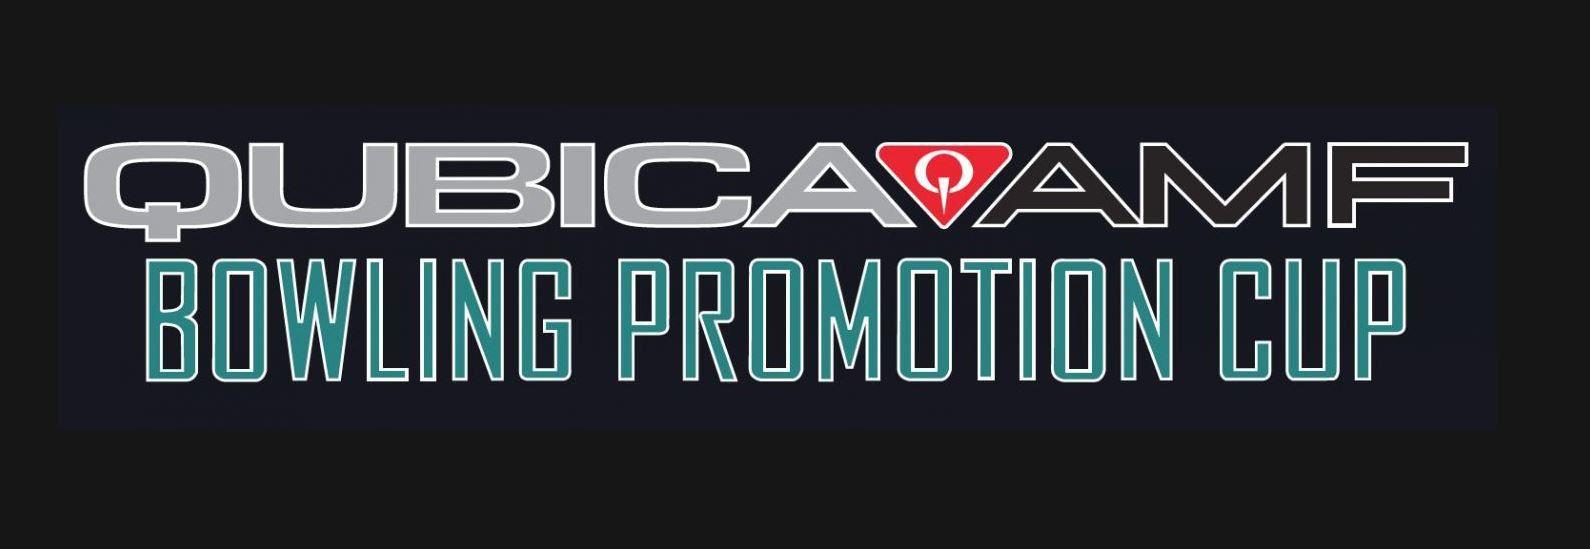 2018 QUBICA/AMF BOWLING PROMOTION CUP - Etape de DINAN - 25 septembre 2018